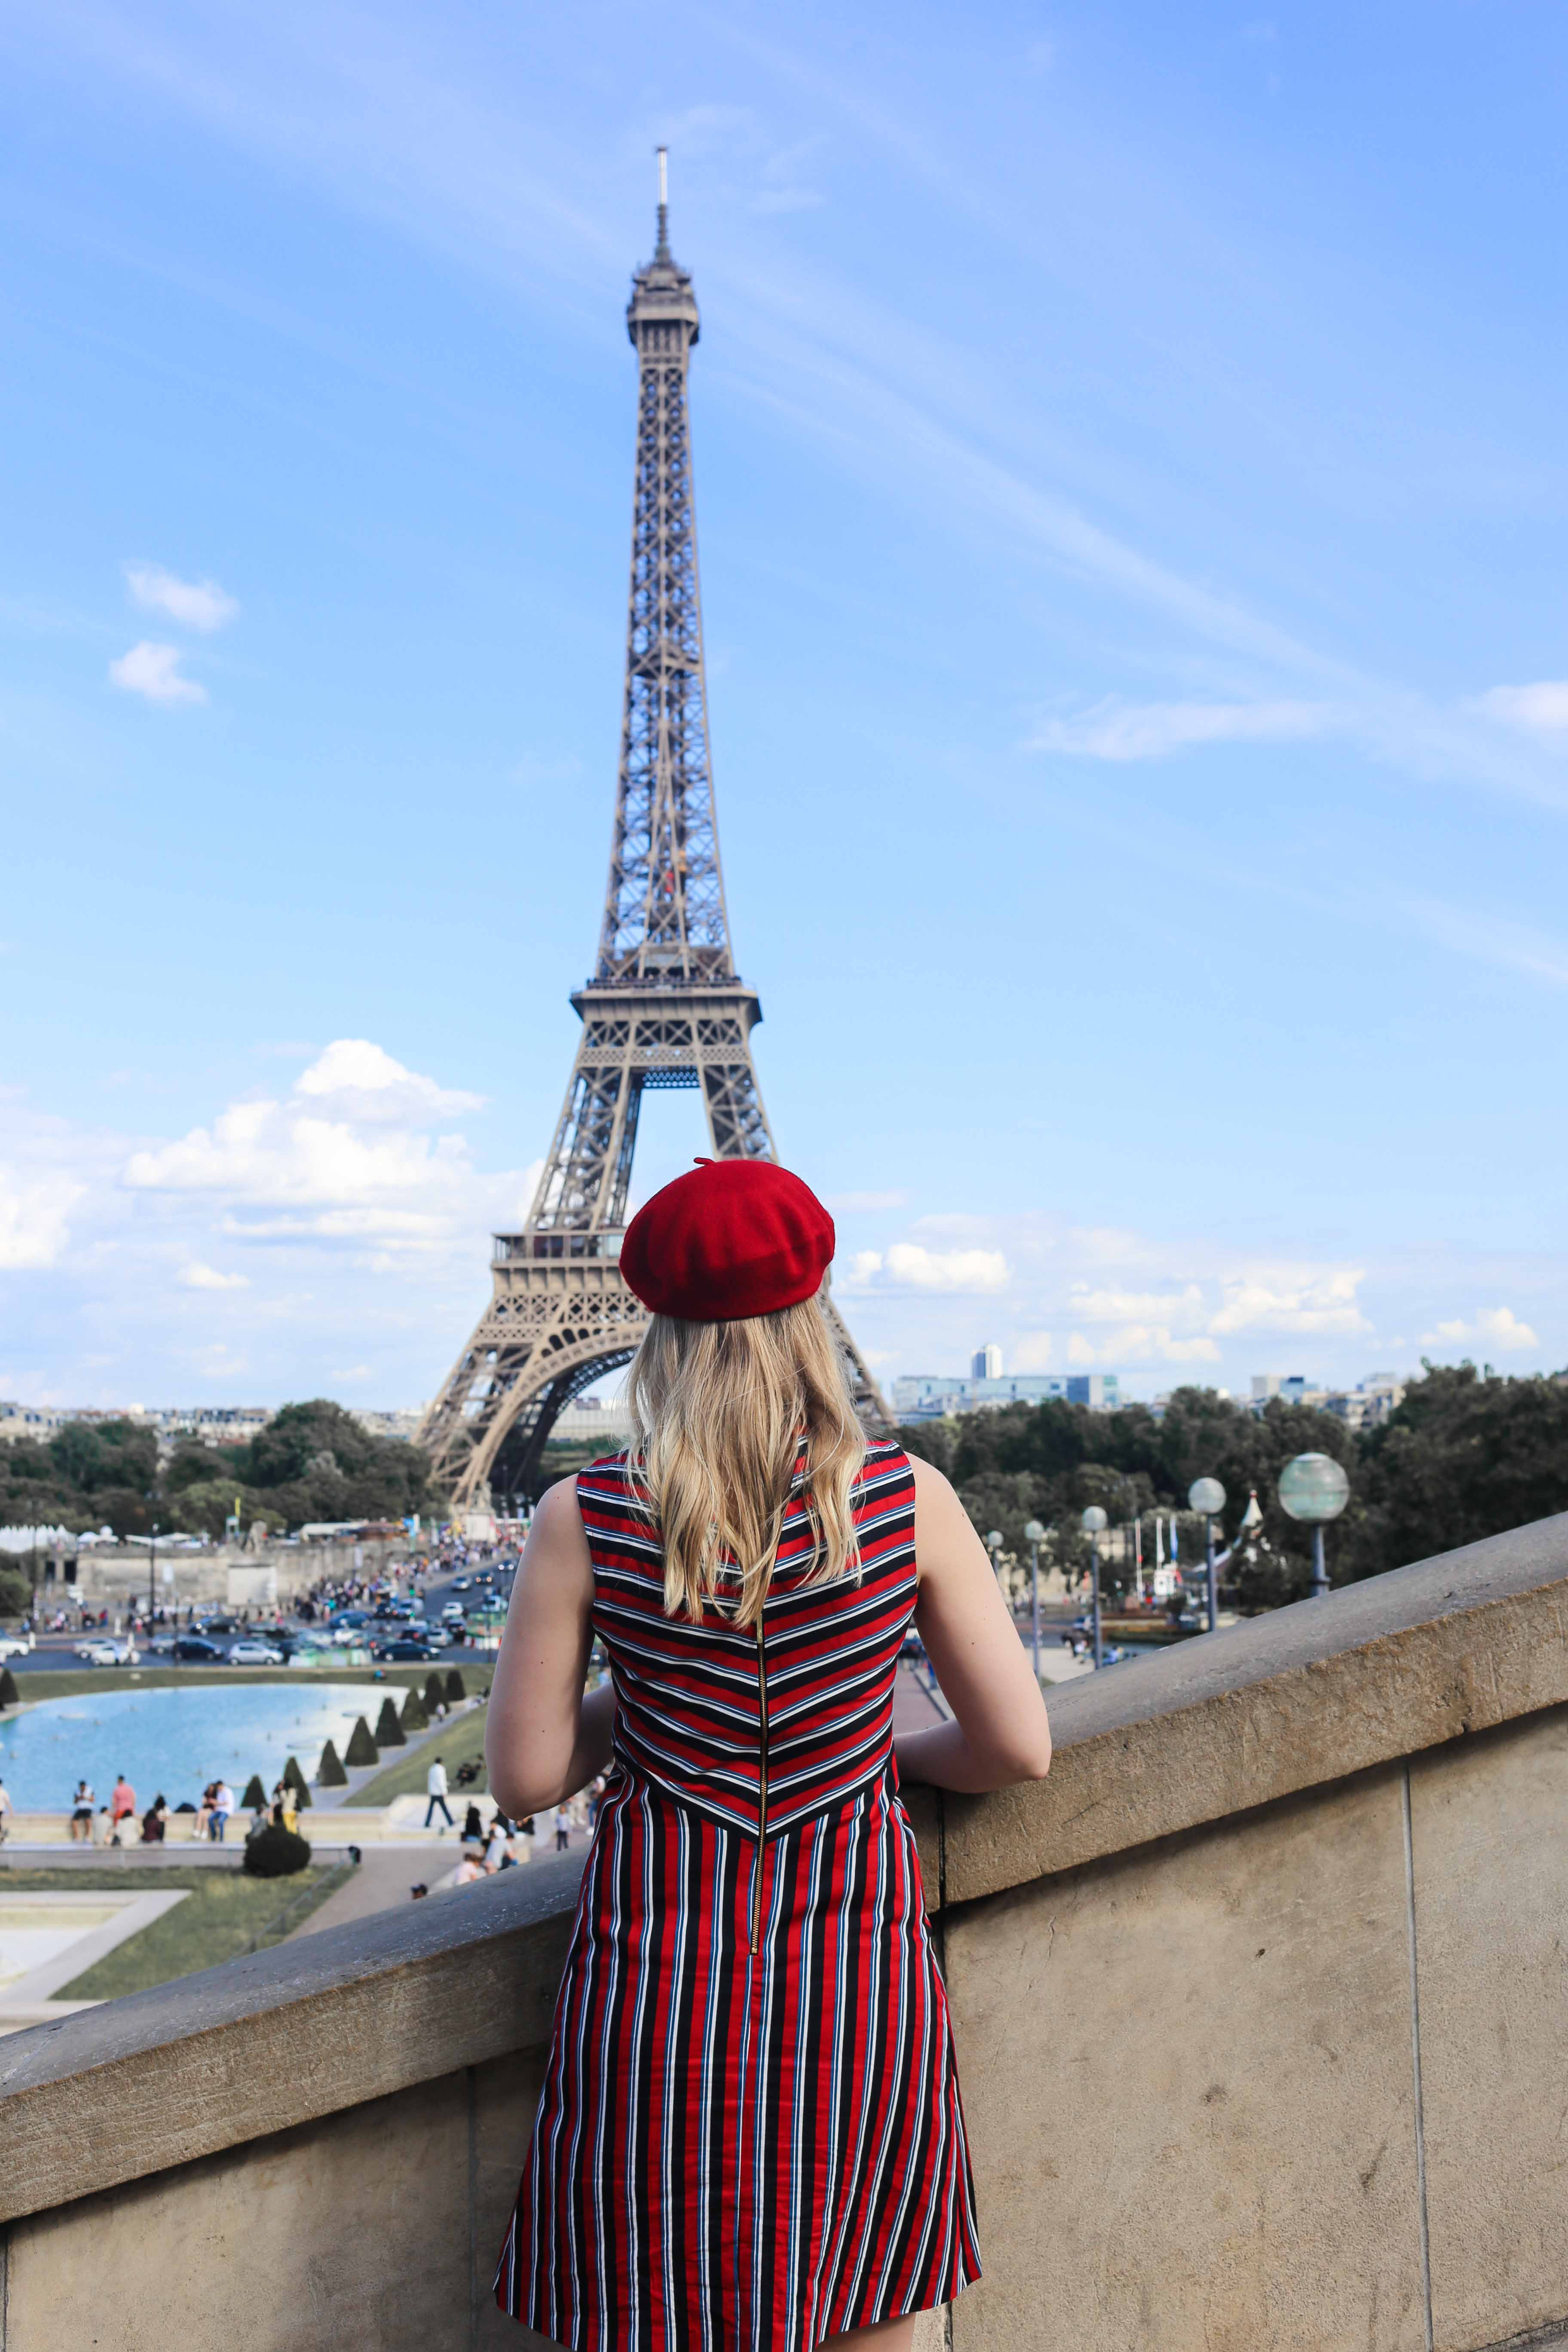 parisienne-chic-baskenmütze-mules-paris-outfit-modeblog-fashionblog-mode-blog_0924